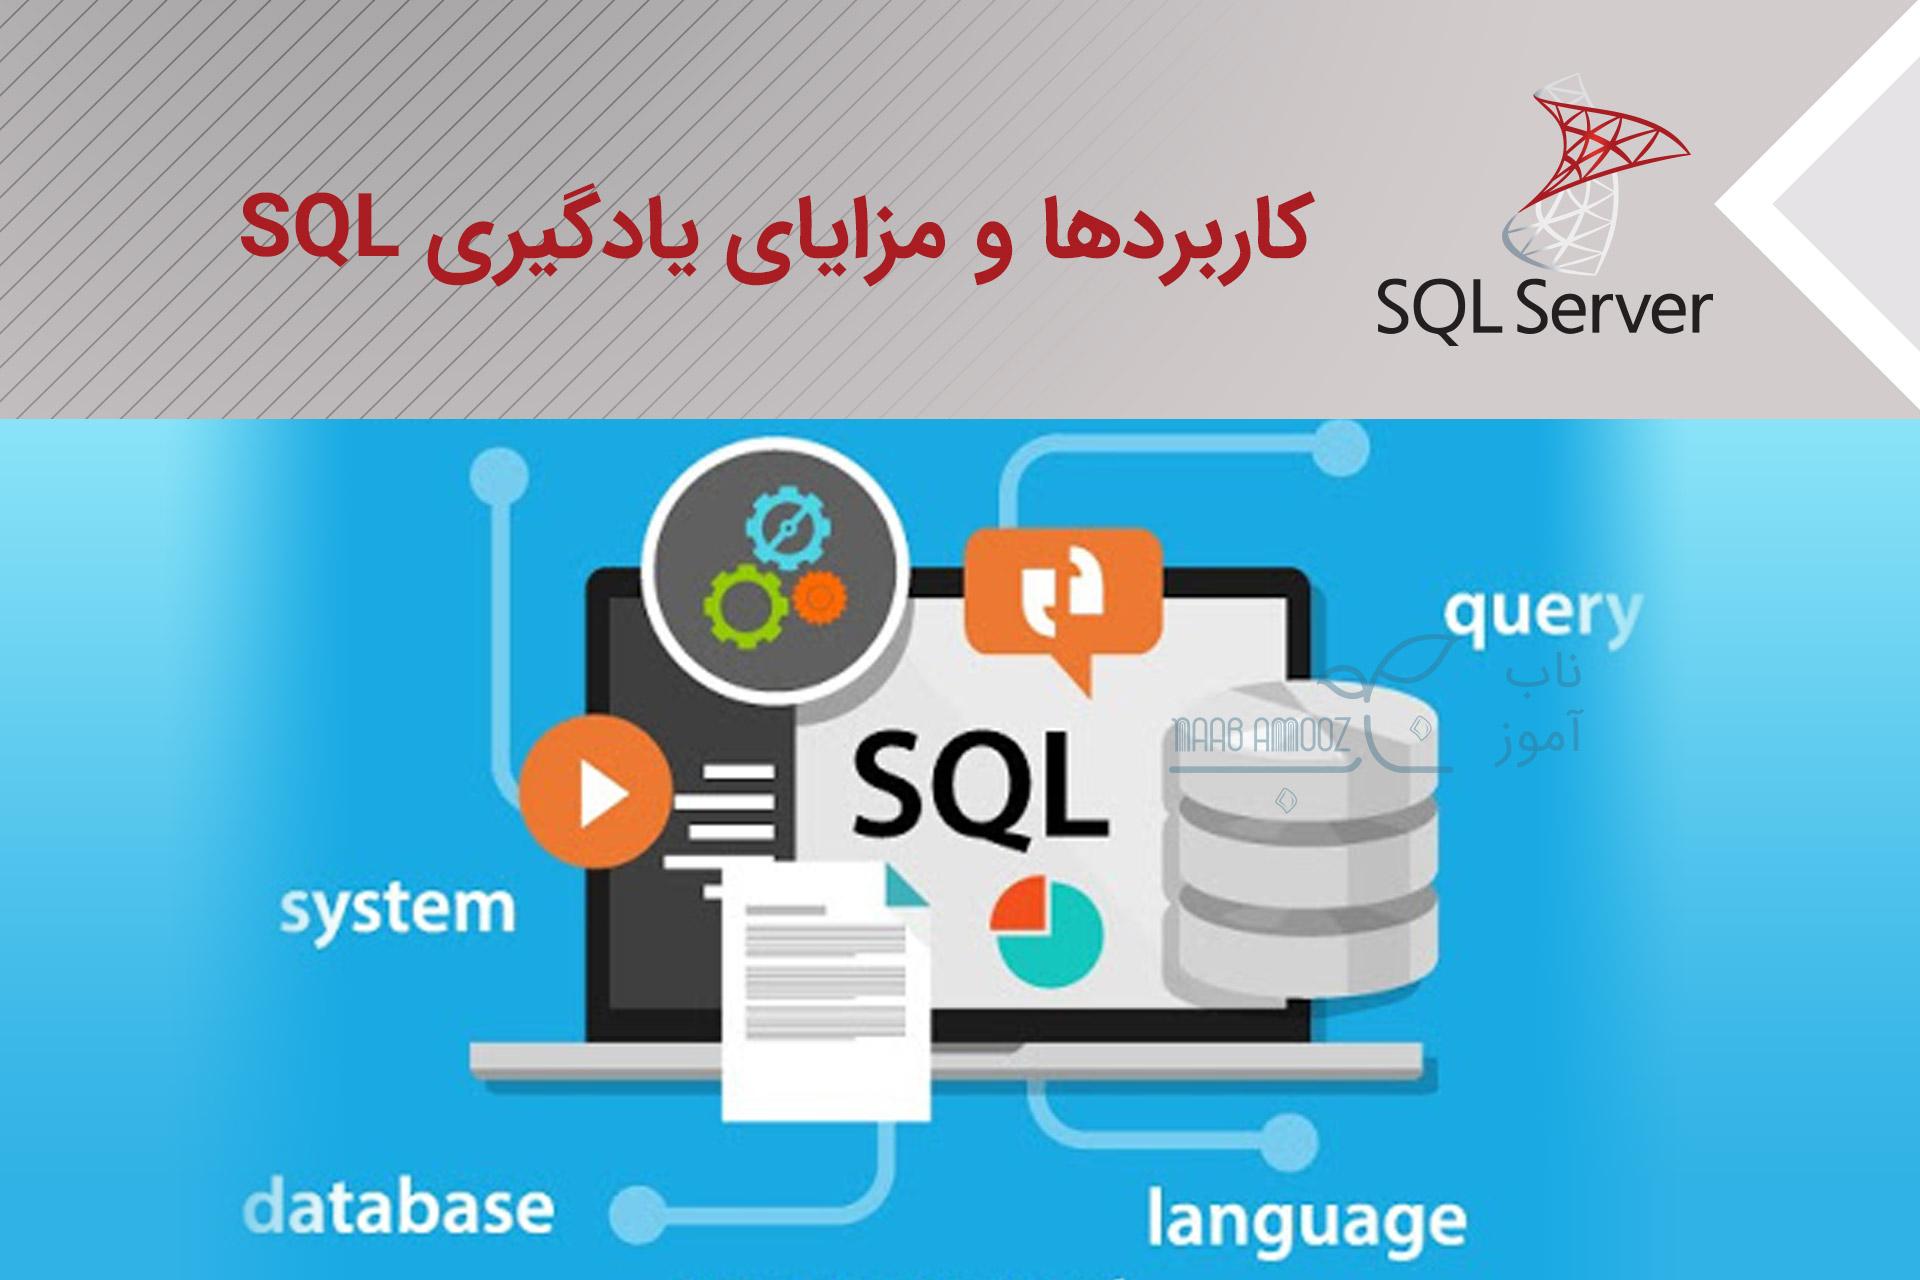 کاربردها و مزایای یادگیری SQL